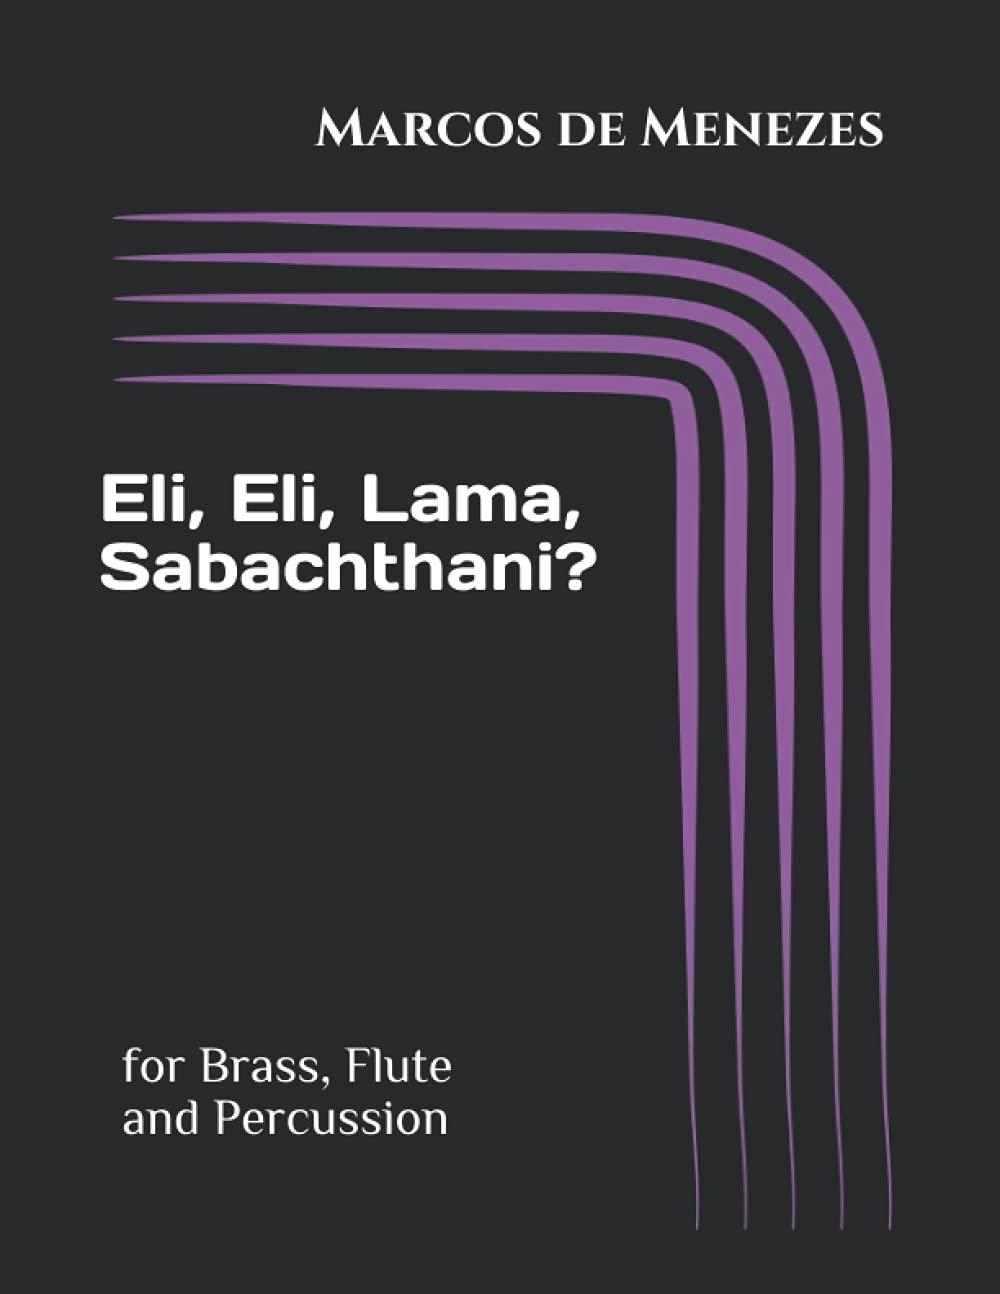 eli eli lama sabachthani for brass